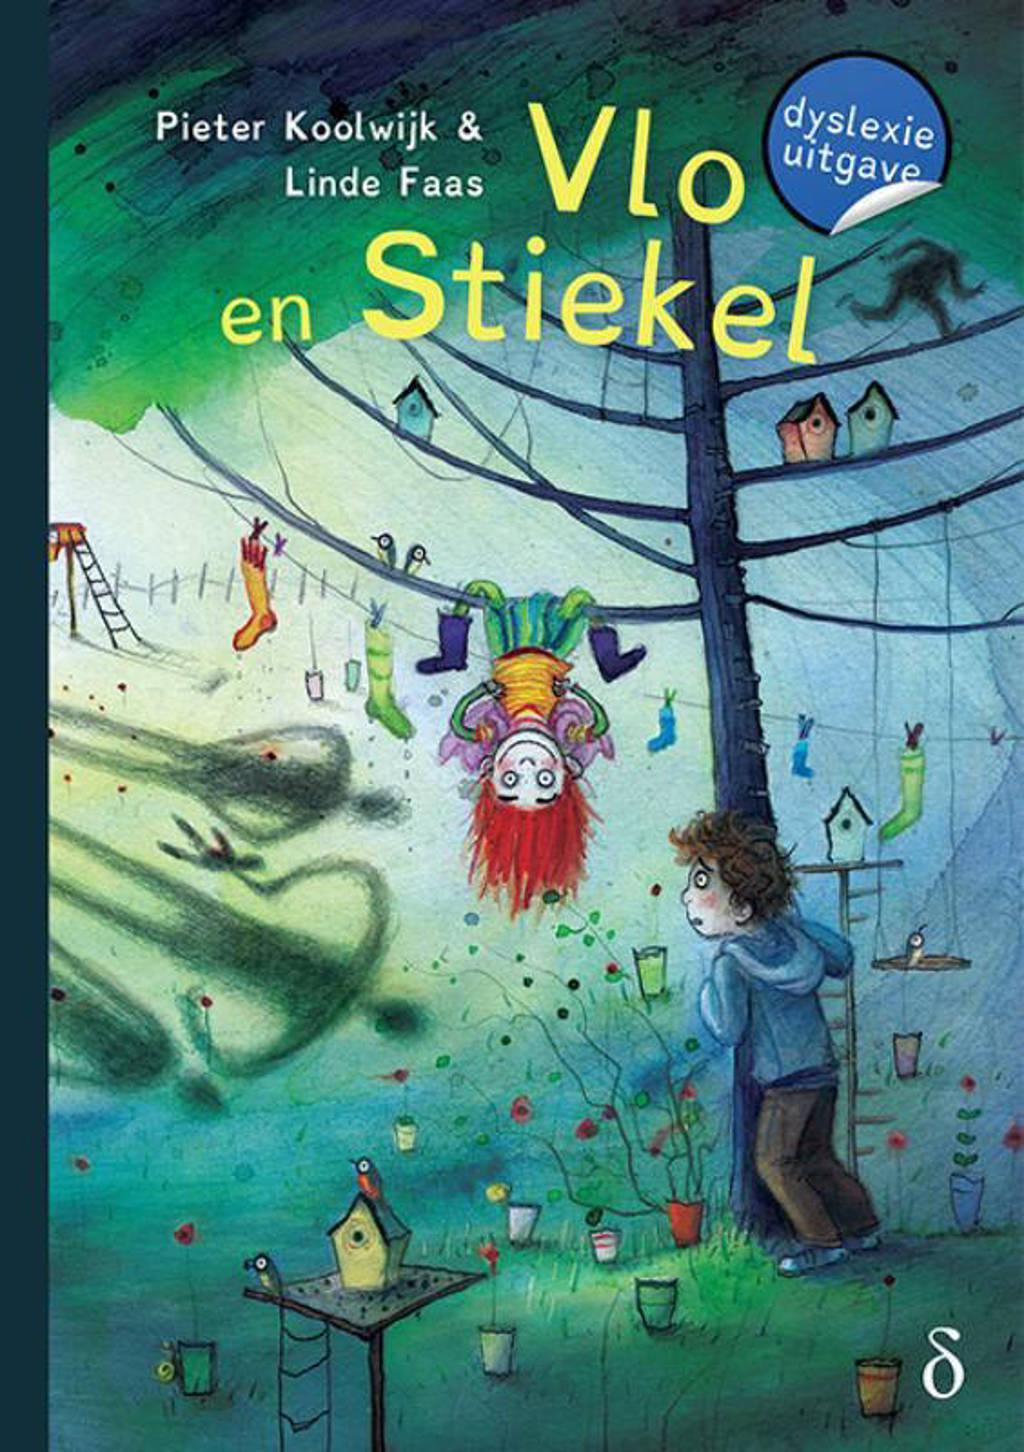 Vlo en Stiekel - Pieter Koolwijk